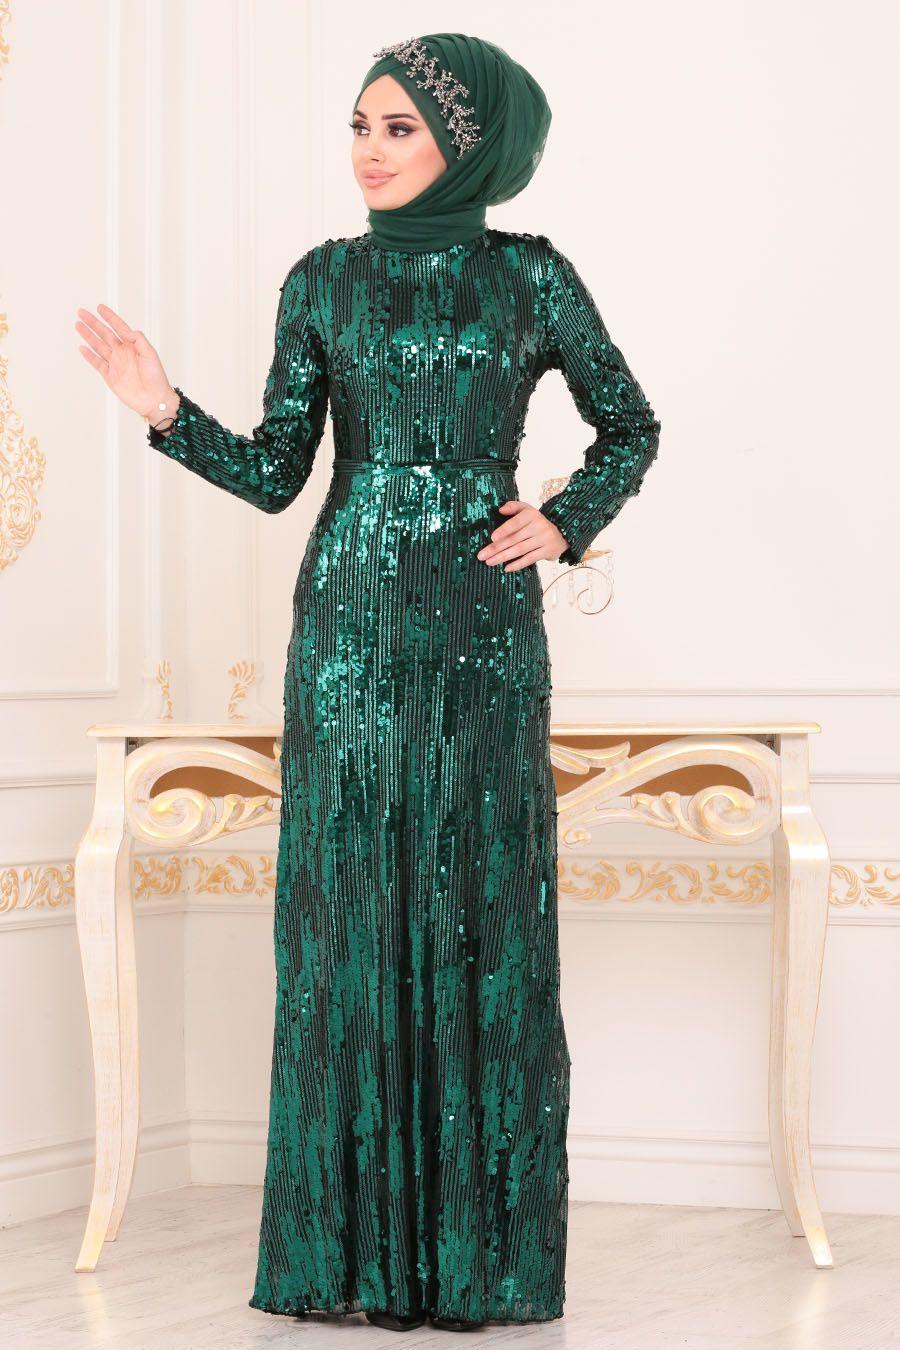 Nayla Collection Pul Payetli Yesil Tesettur Abiye Elbise 9110y Tesetturisland Com The Dress Aksamustu Giysileri Moda Stilleri